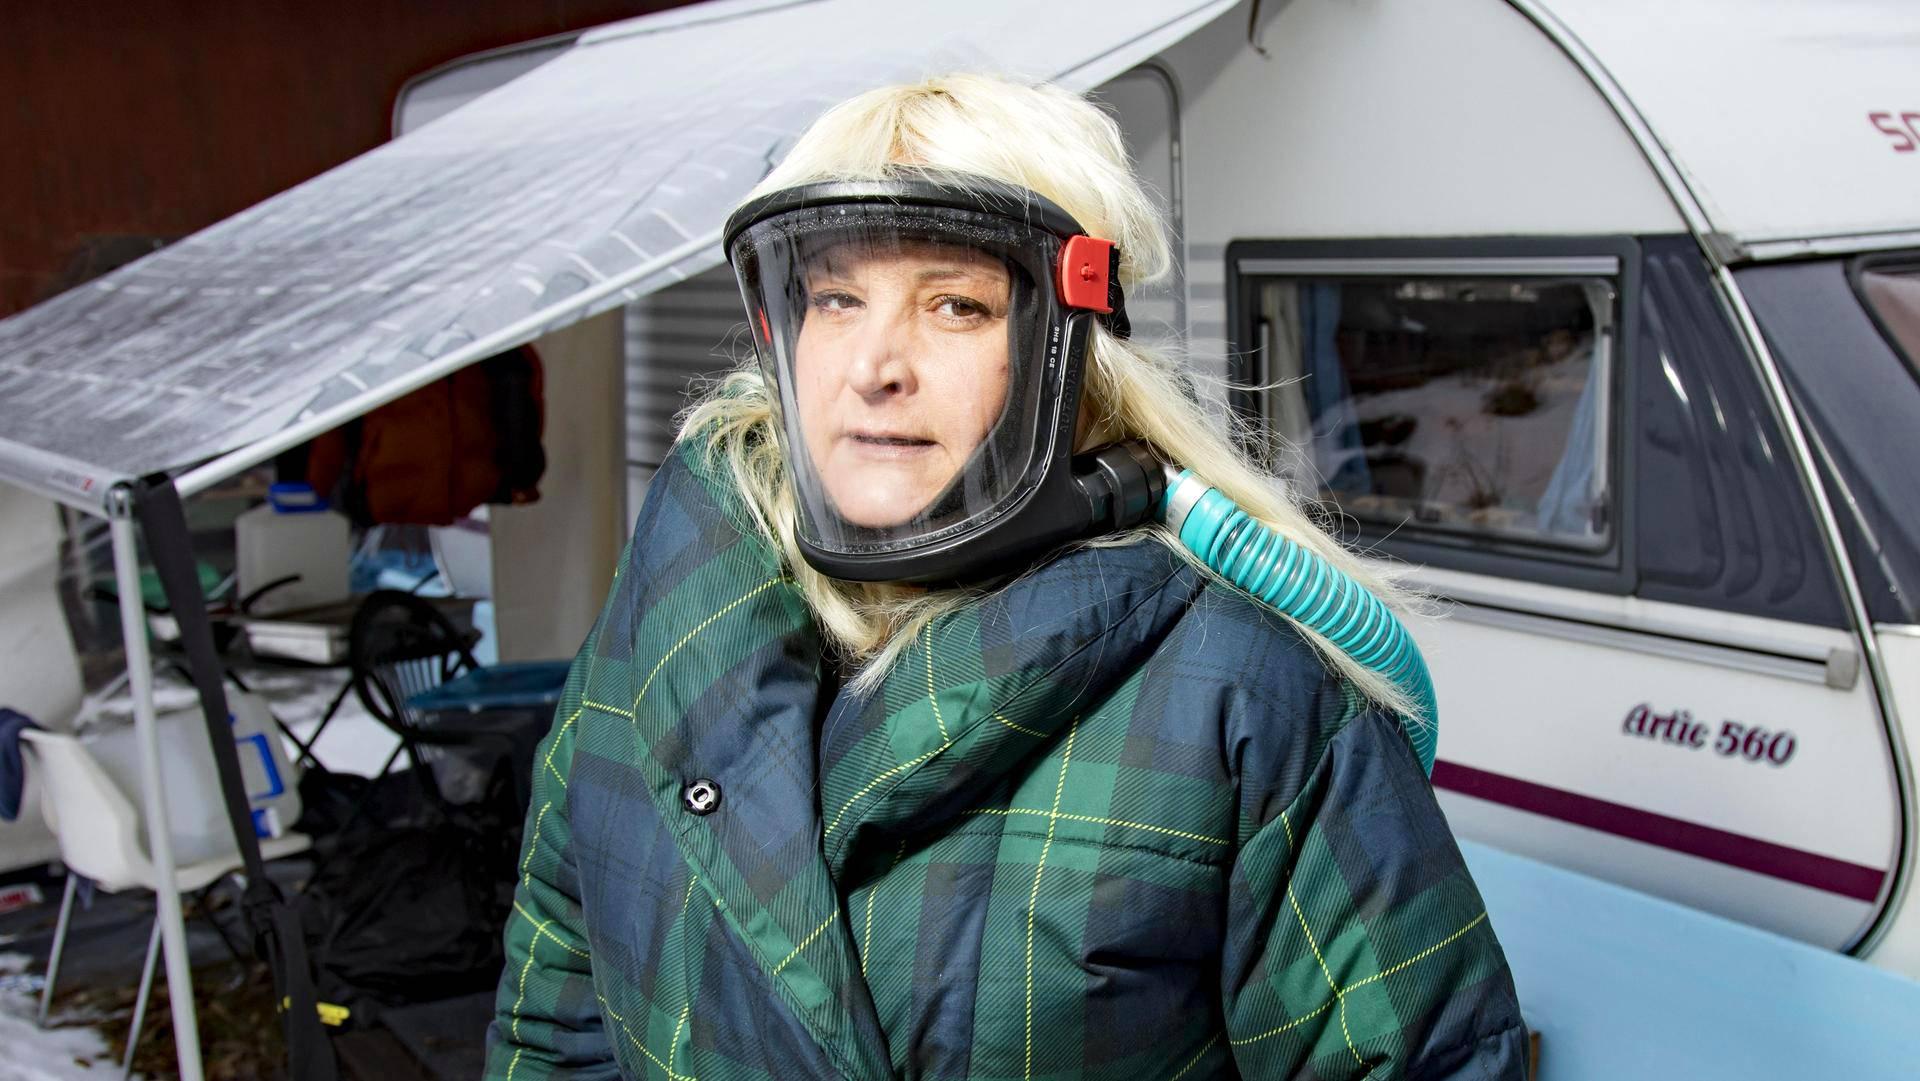 Asuntovaunu oli Mari Vesalan koti ennen kuin puhdistautumismökki valmistui. Kuva on tammikuulta.